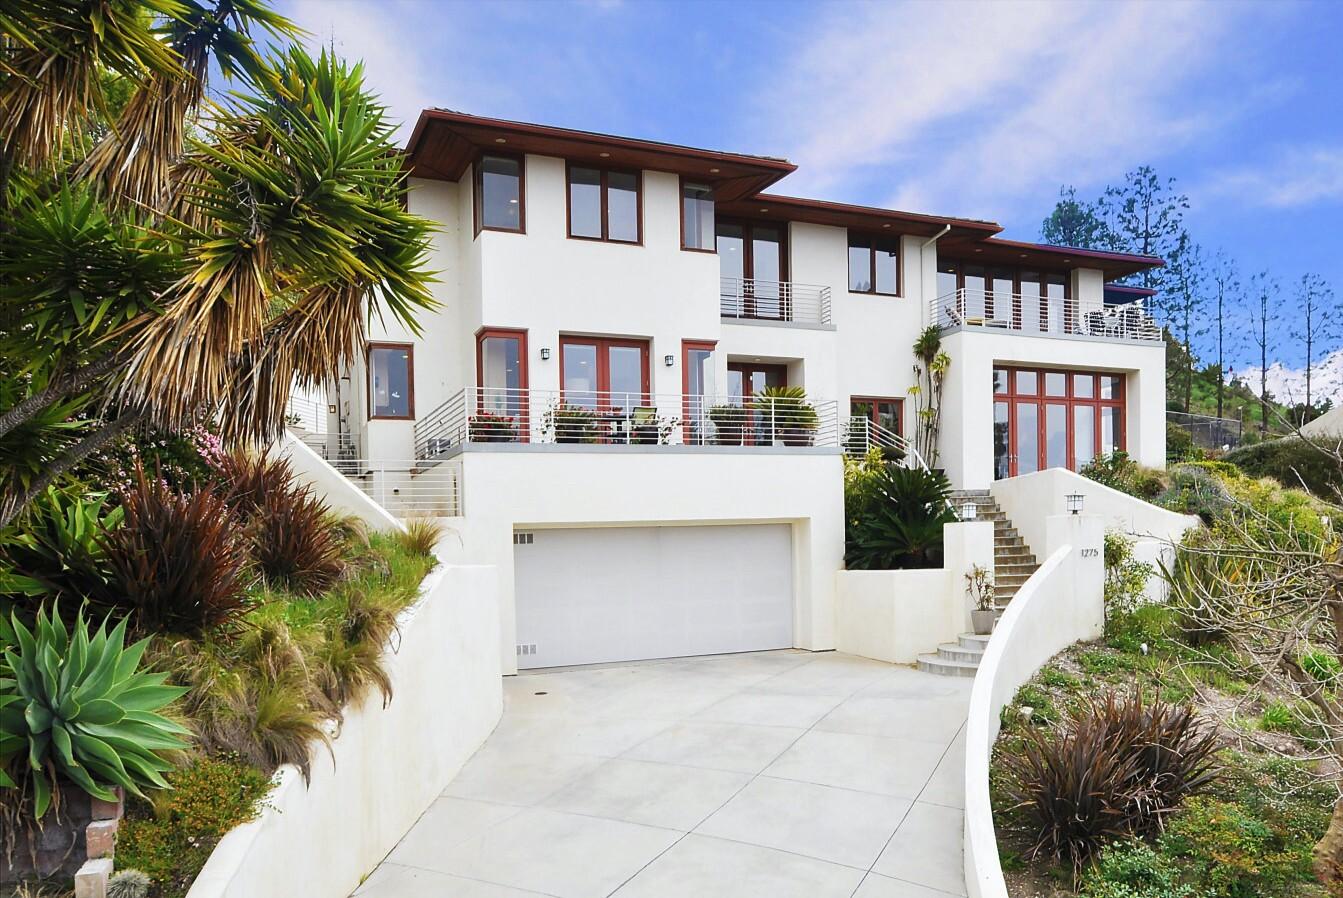 David Benoit's ocean-view home